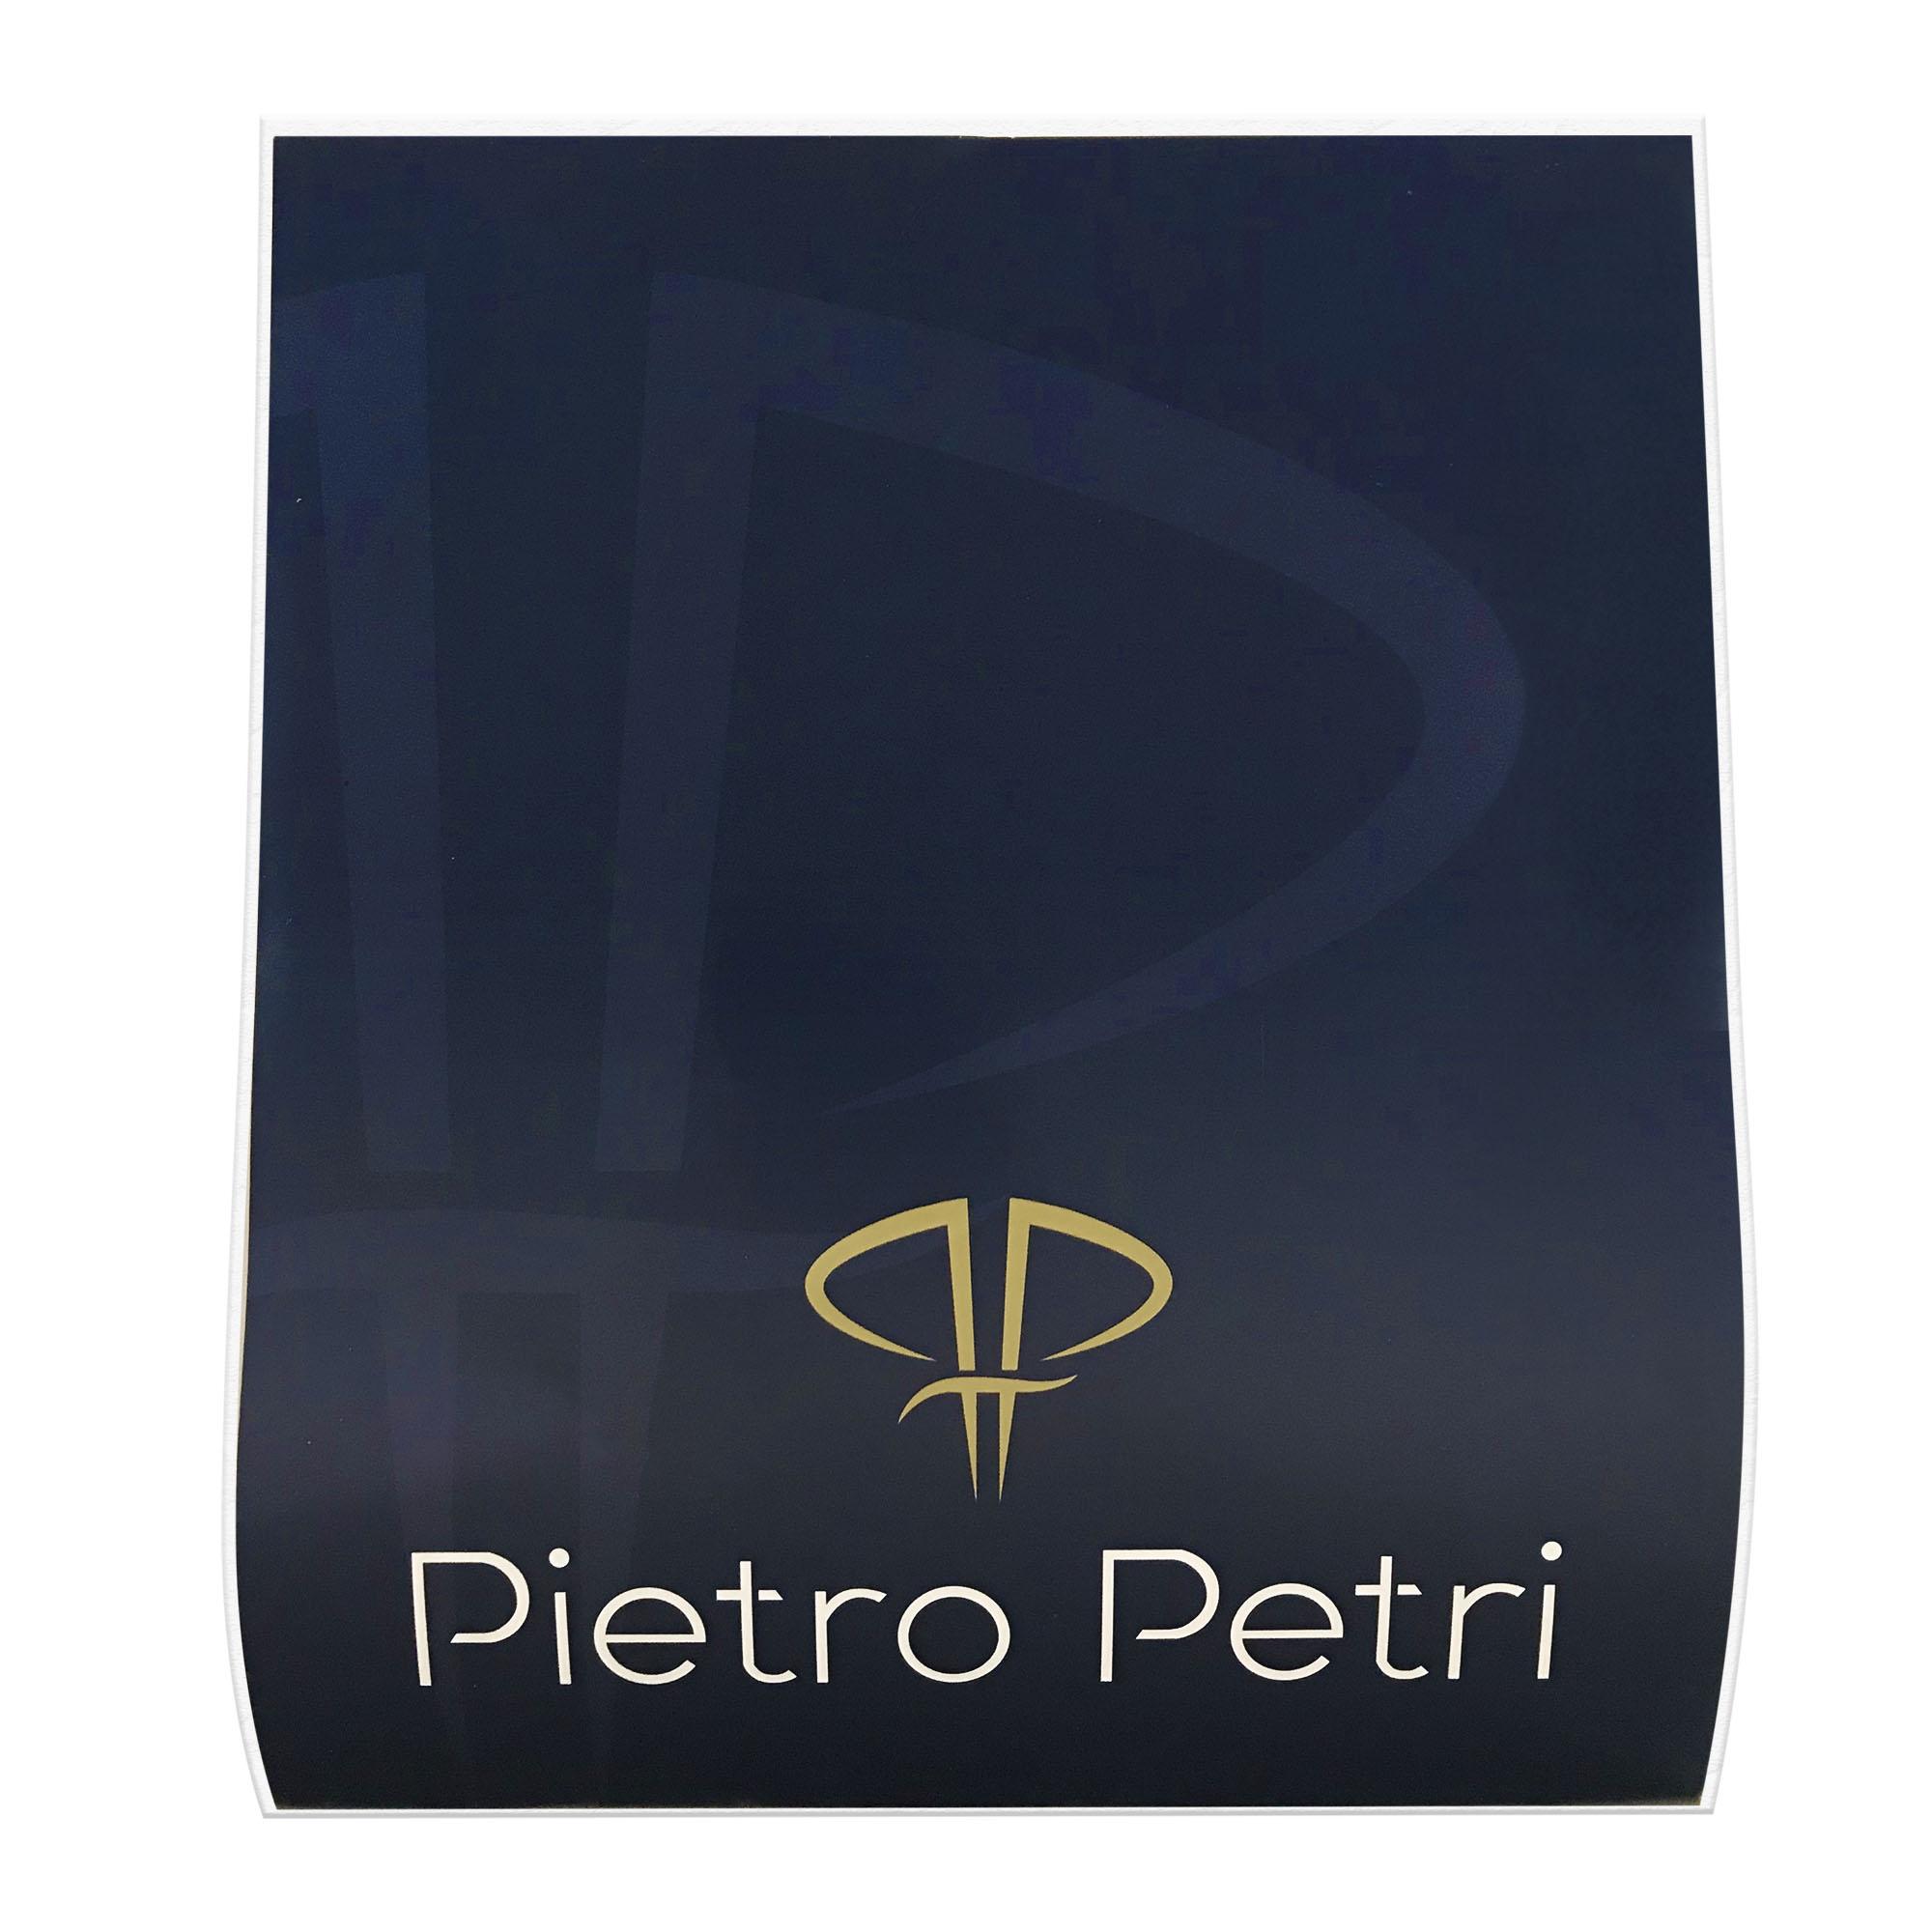 Modelador 3019 cirúrgico compressivo macaquinho Dr Pietro com alça fina, abertura frontal, ideal para cirurgia plástica  - Cinta se Nova